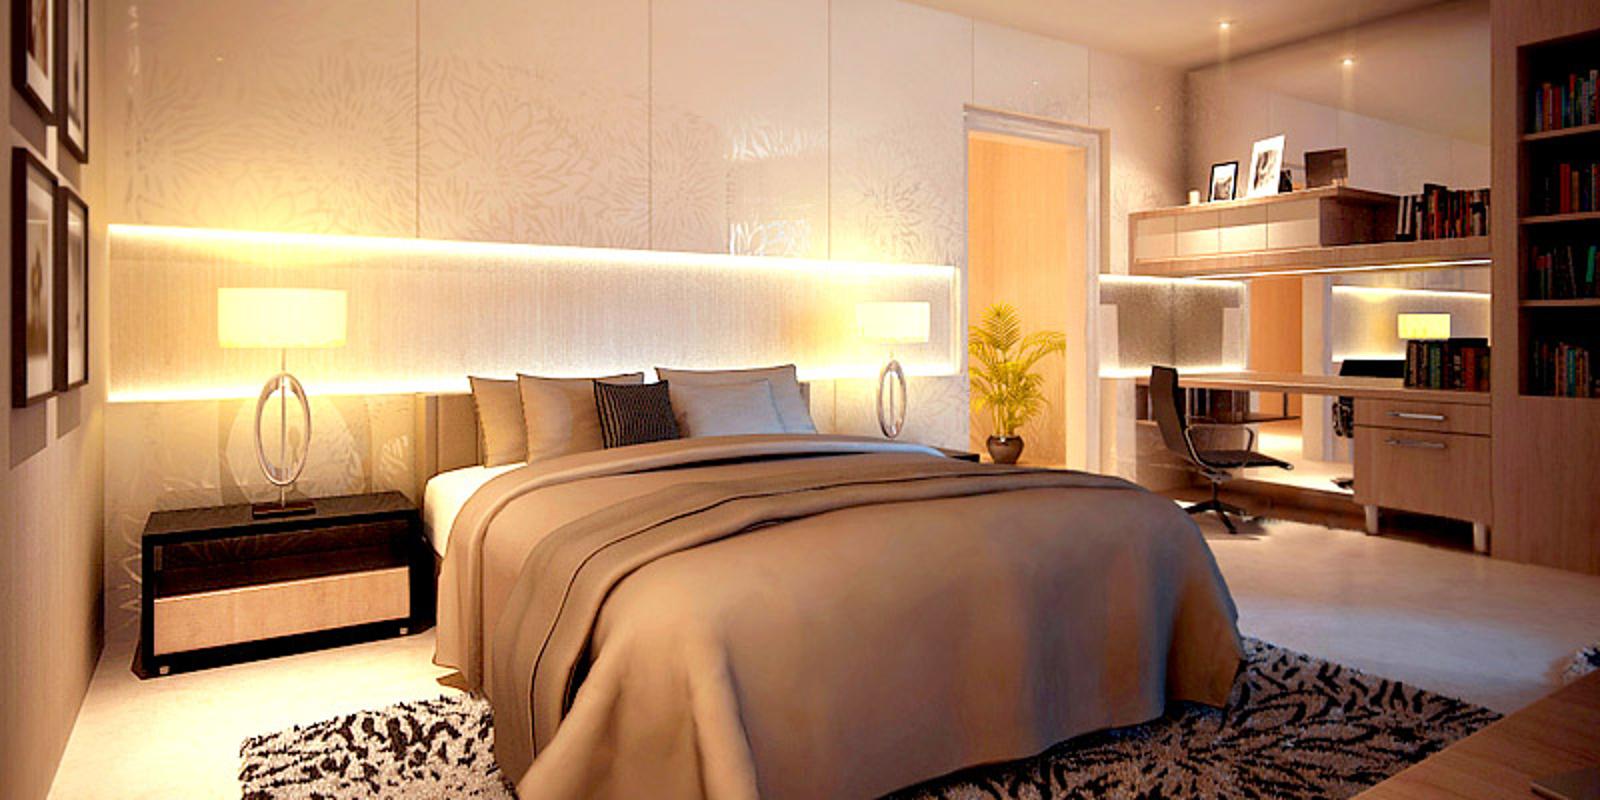 1 bhk flat interior design india - 428 Sq Ft 1 Bhk 1t Apartment For Sale In Prajapati Vihar Dronagiri Mumbai